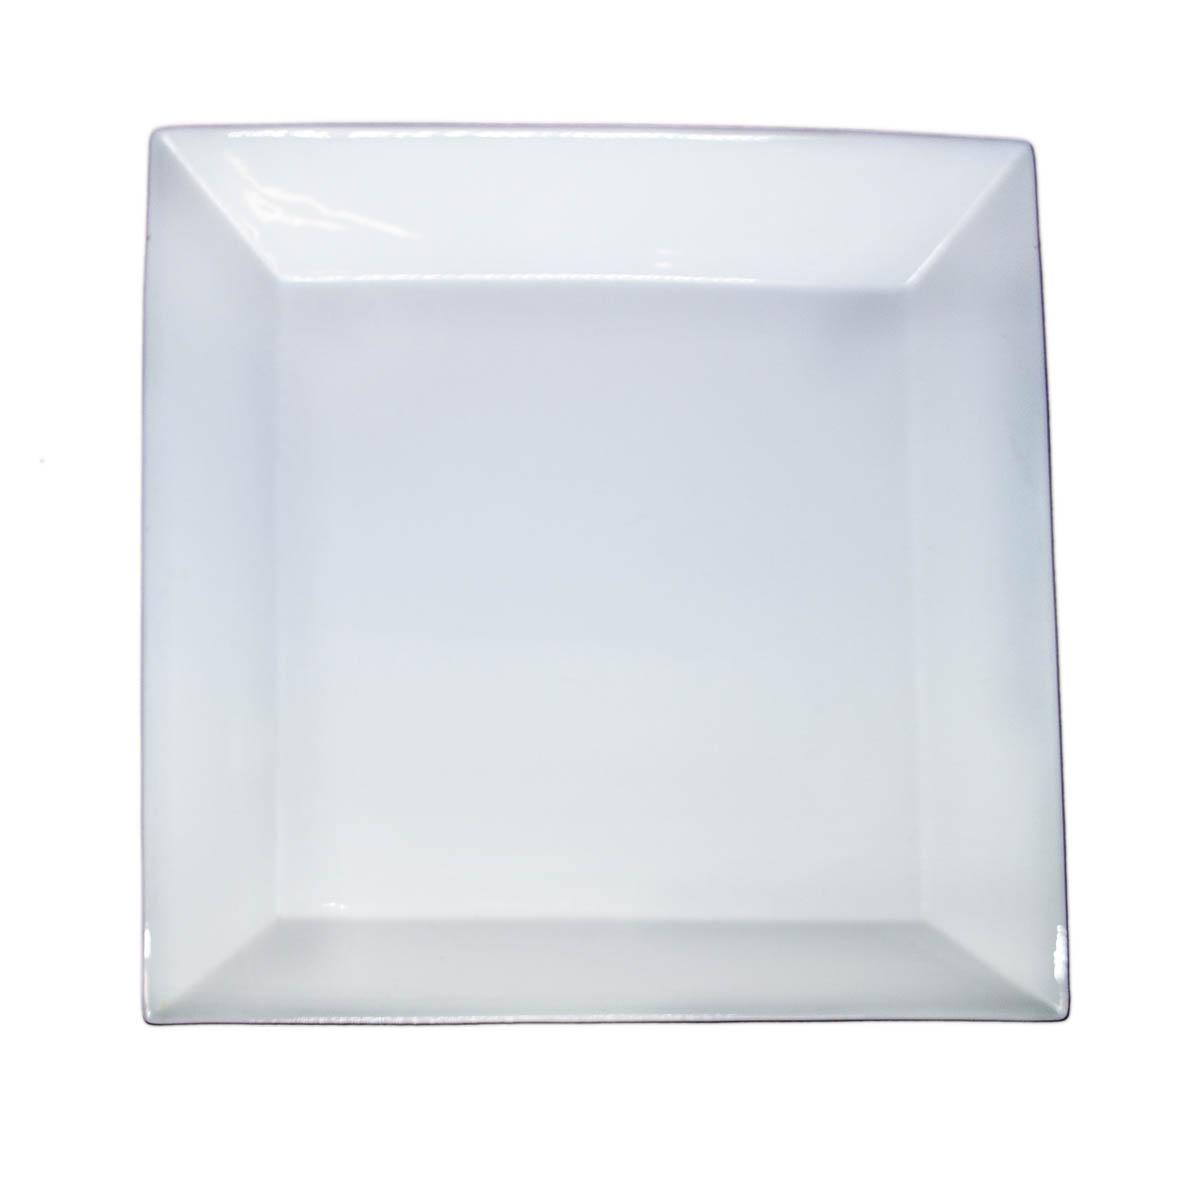 Travessa de Porcelana Quadrada 41x4,5